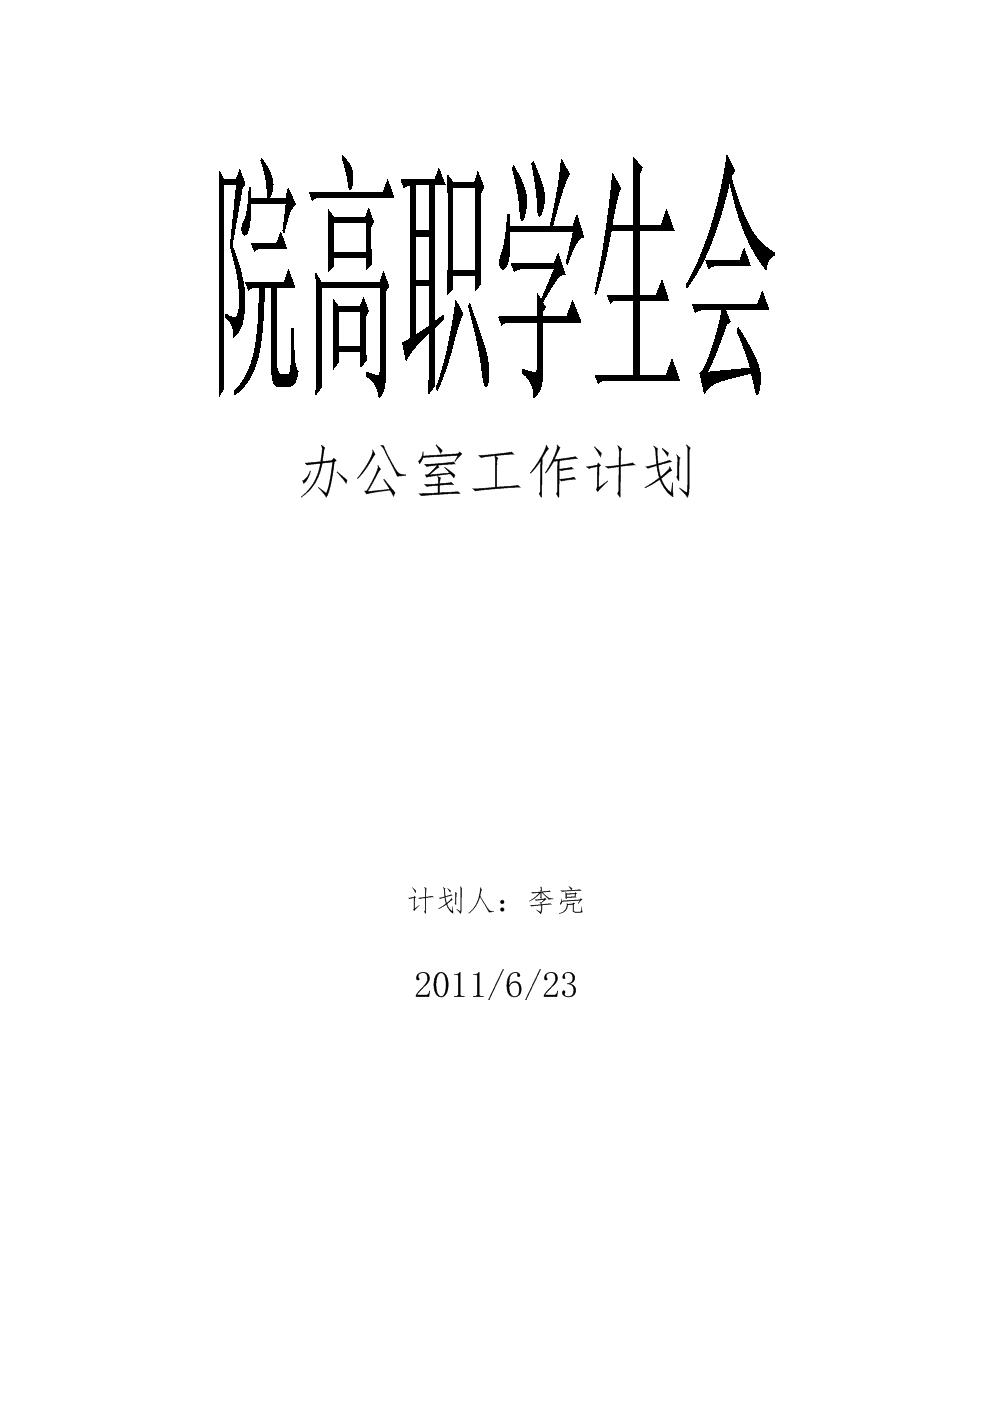 学期工作计划总结书.doc